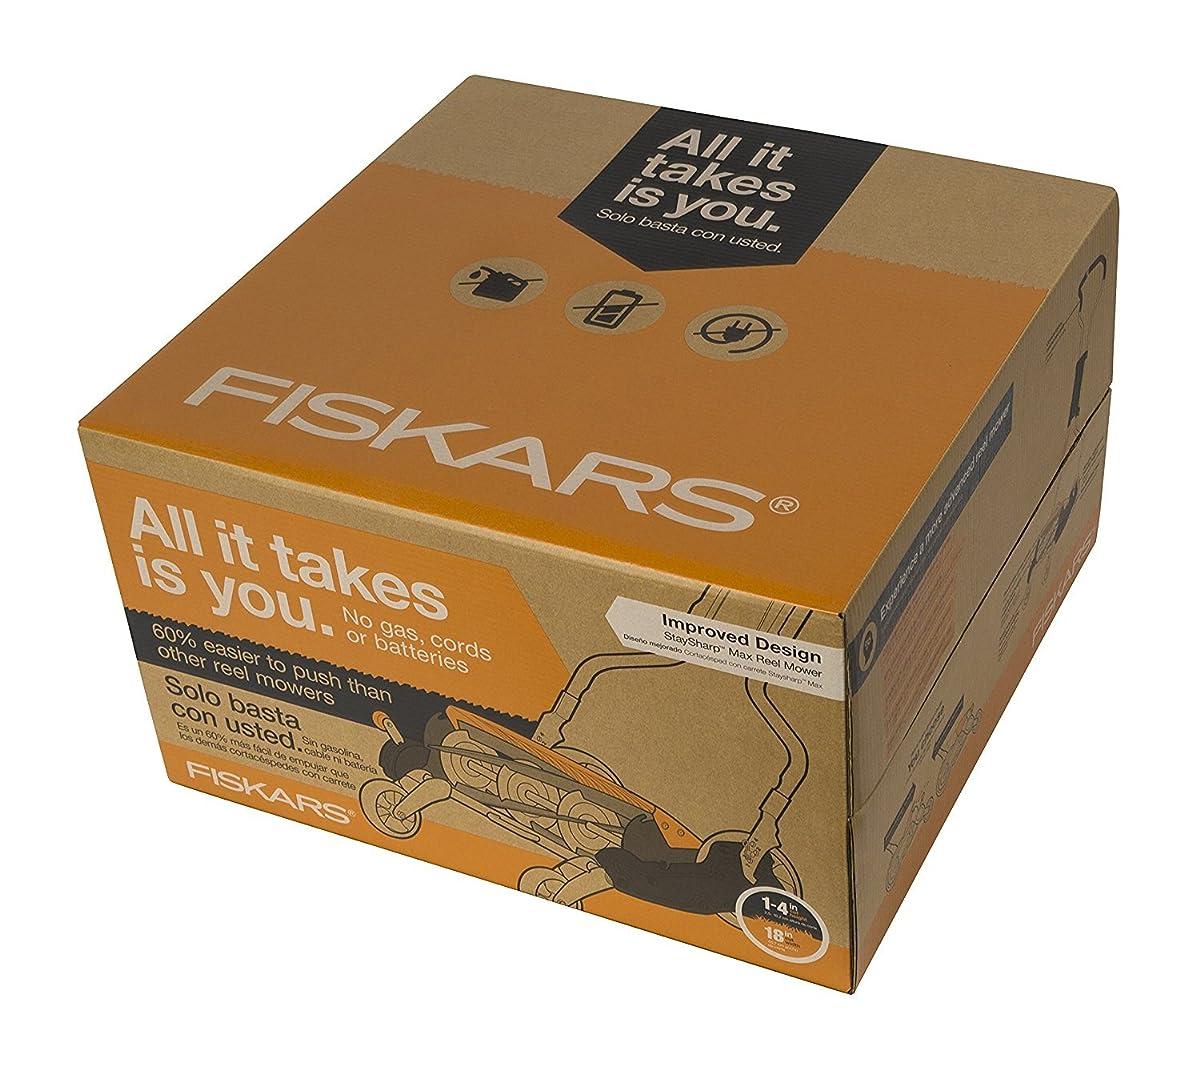 Fiskars StaySharp Max Reel Mower